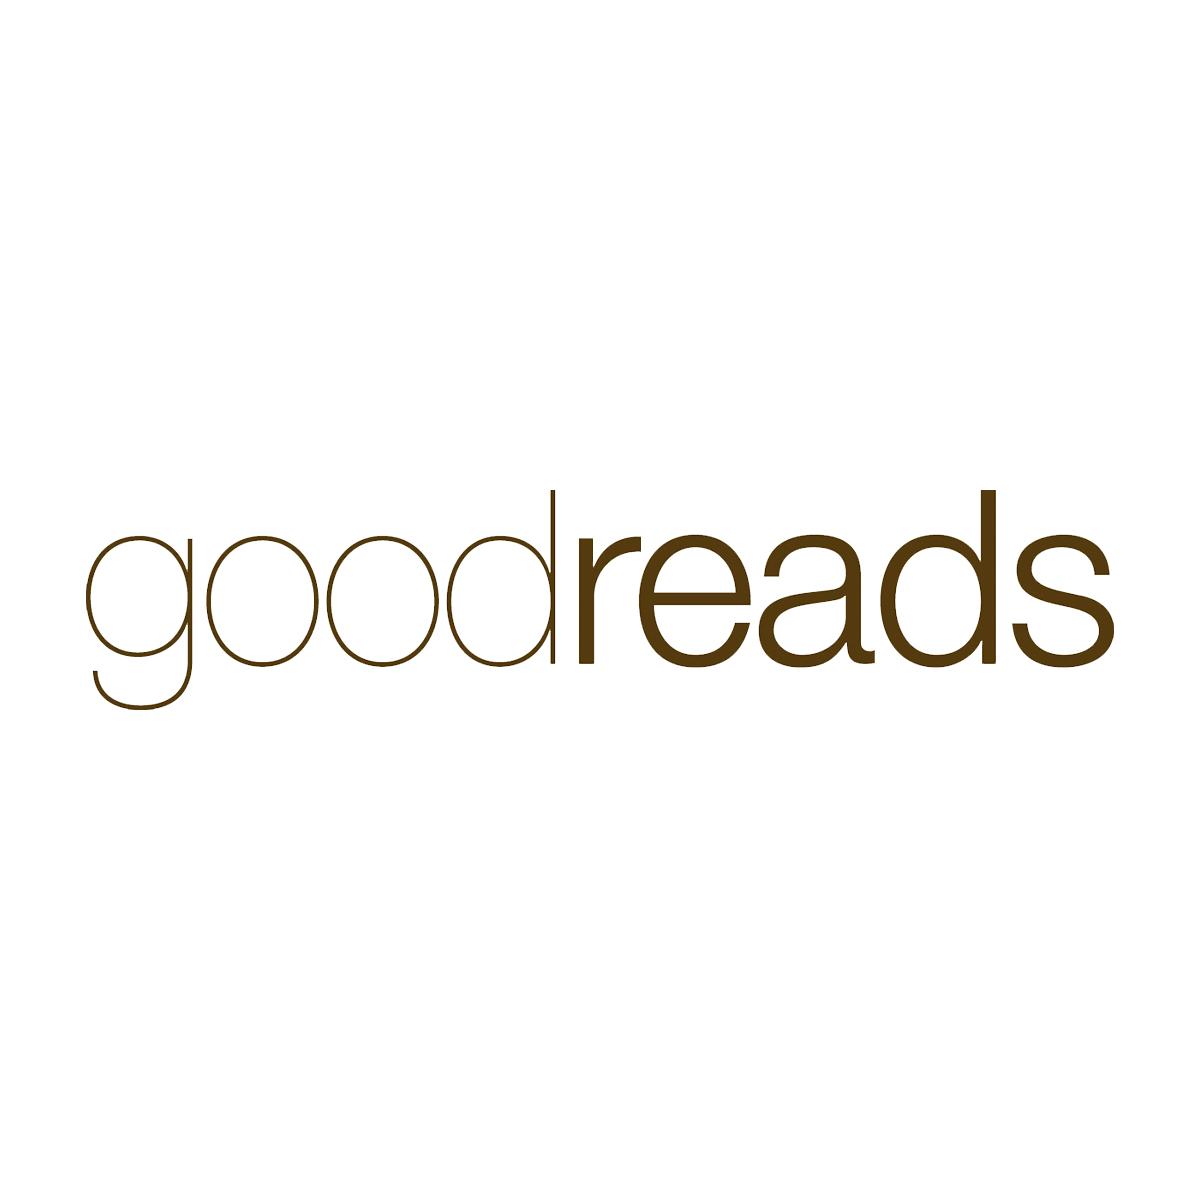 B2B Brand Logos_0027_1454549184-1454549184_goodreads_misc.jpg